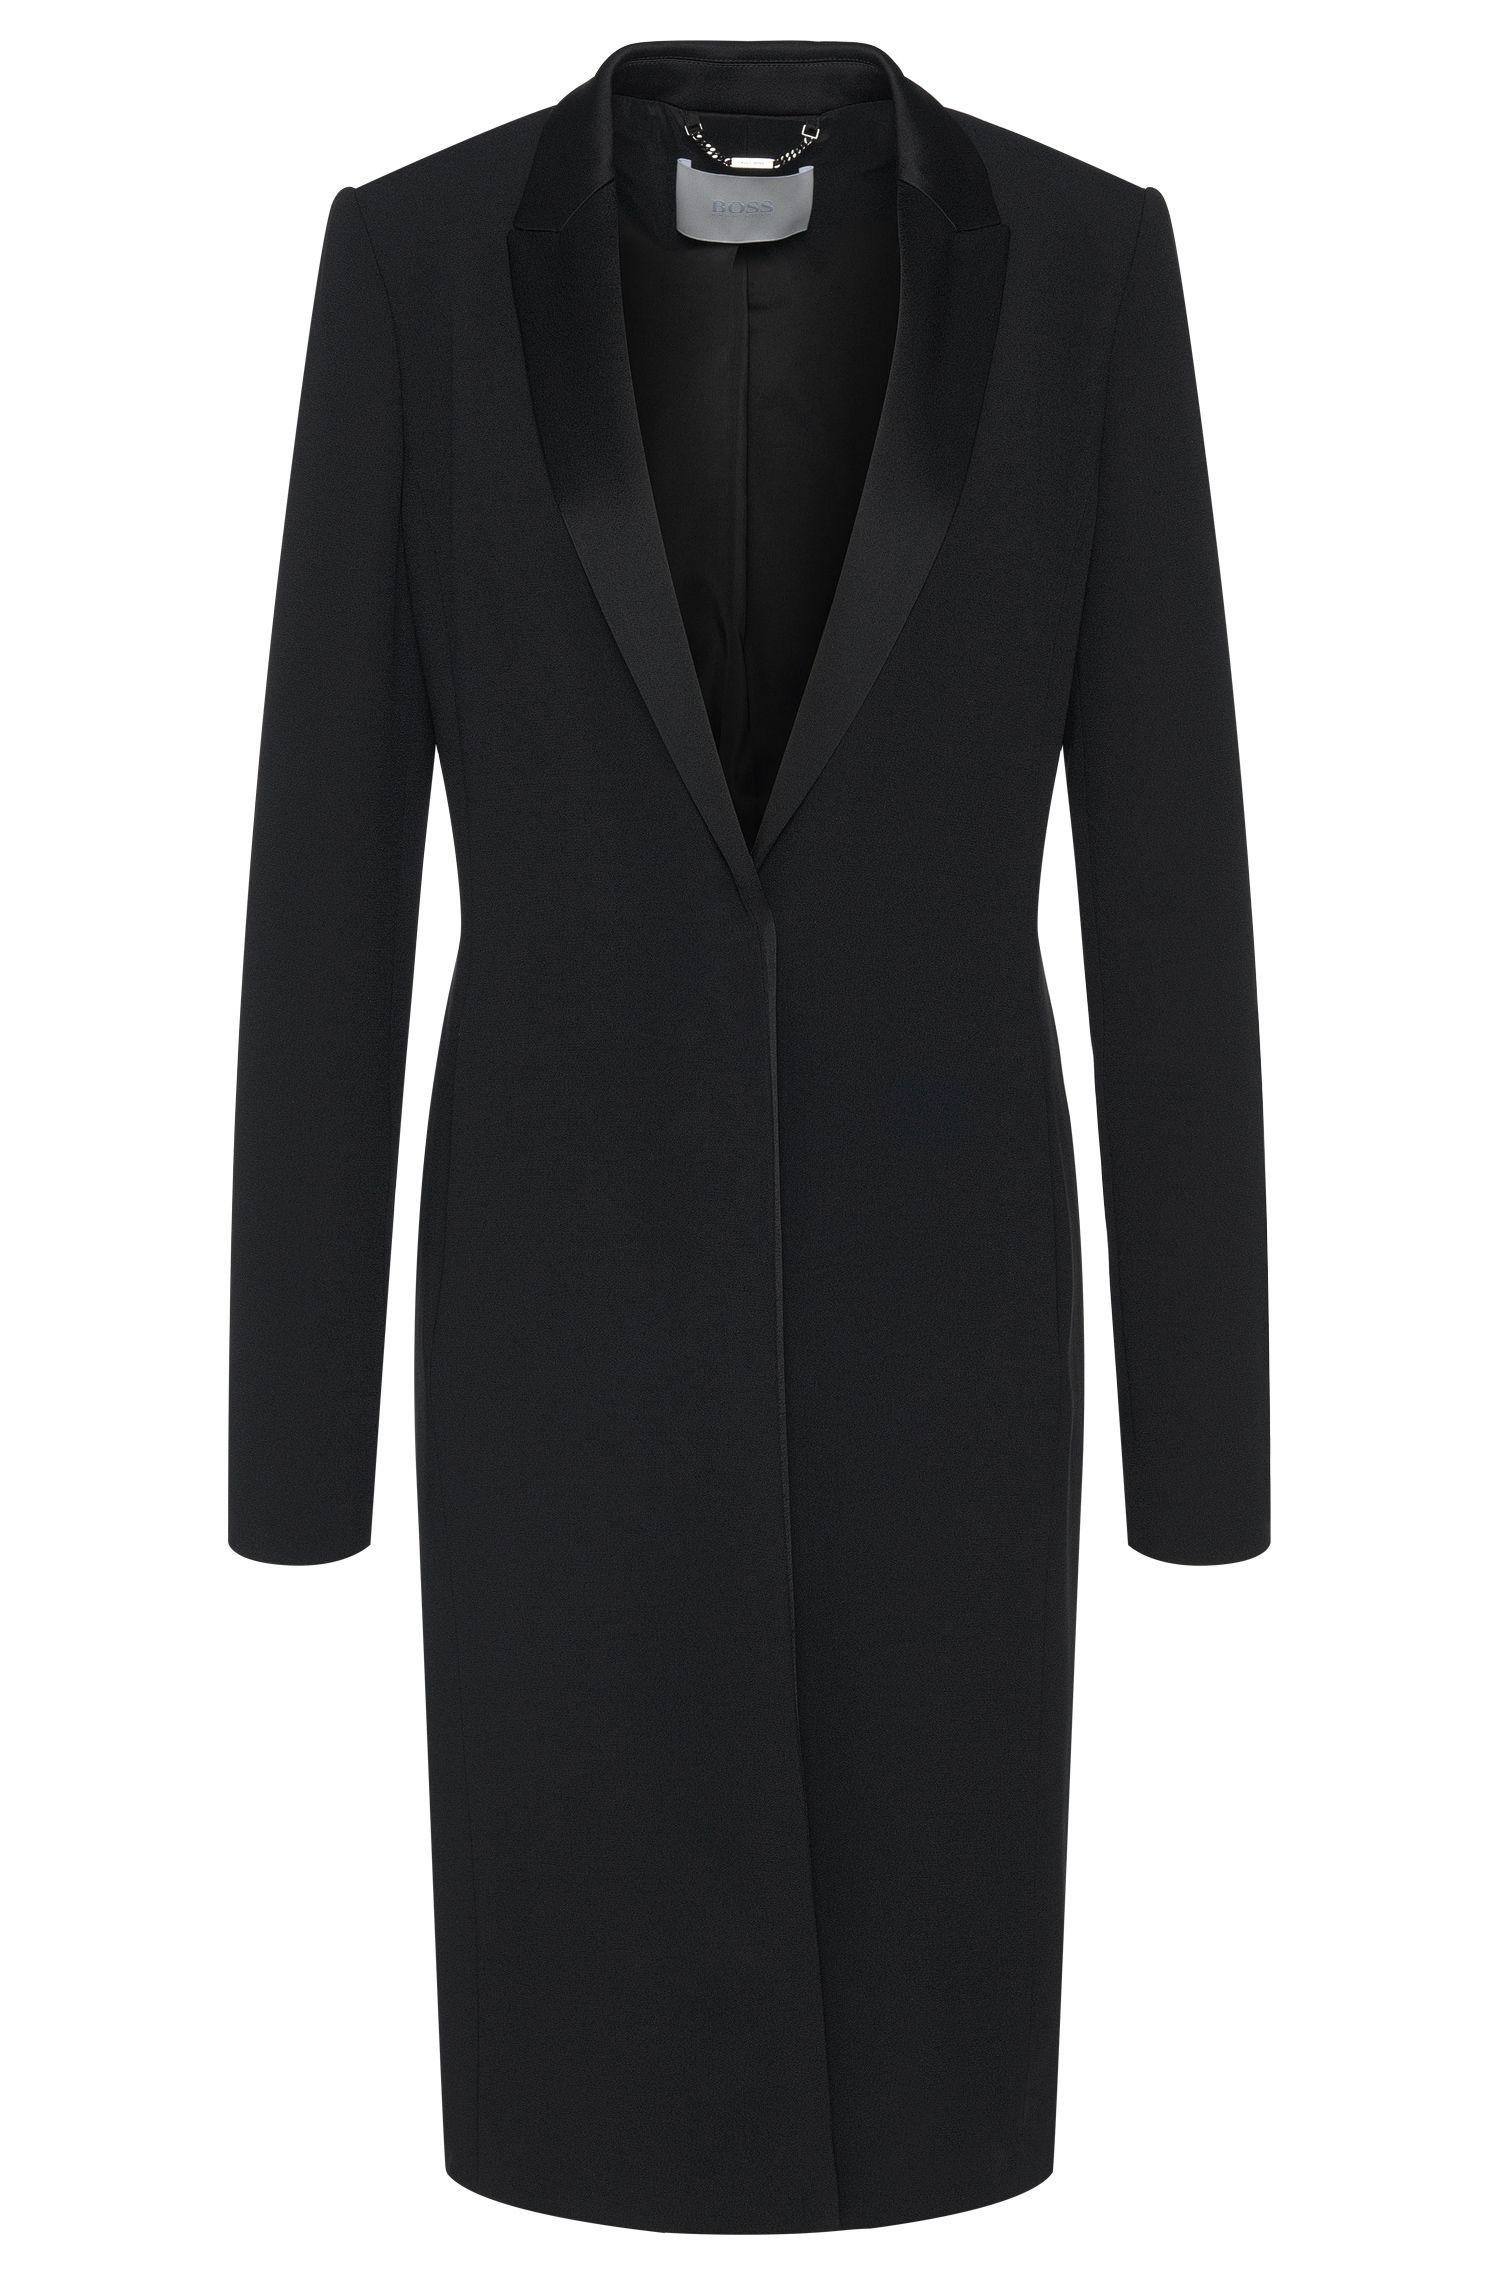 'Cafina' | Crepe Satin Tuxedo Coat